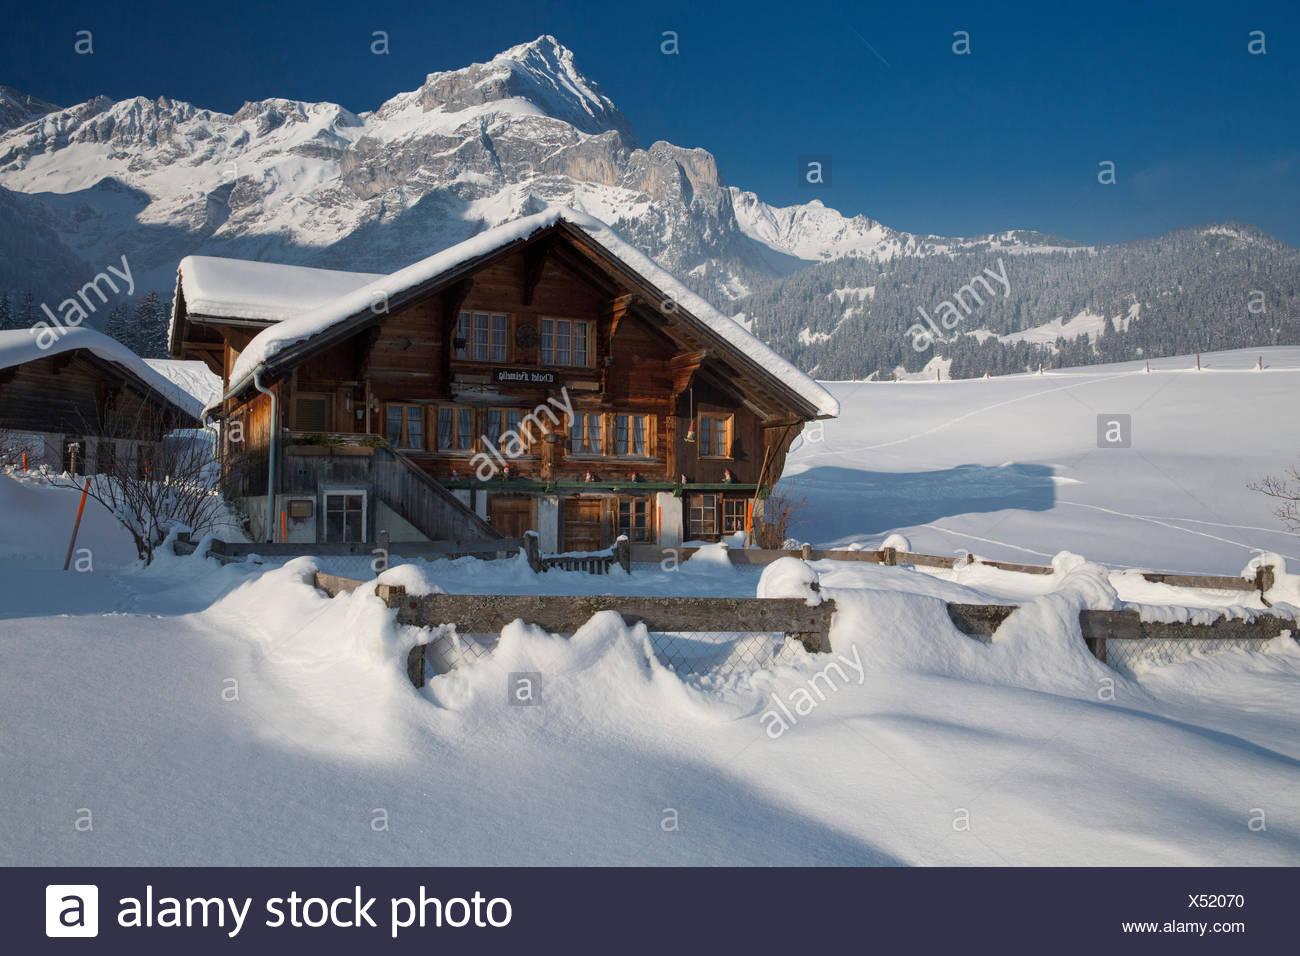 Chalet near Spitzhorn in Gsteig, - Stock Image